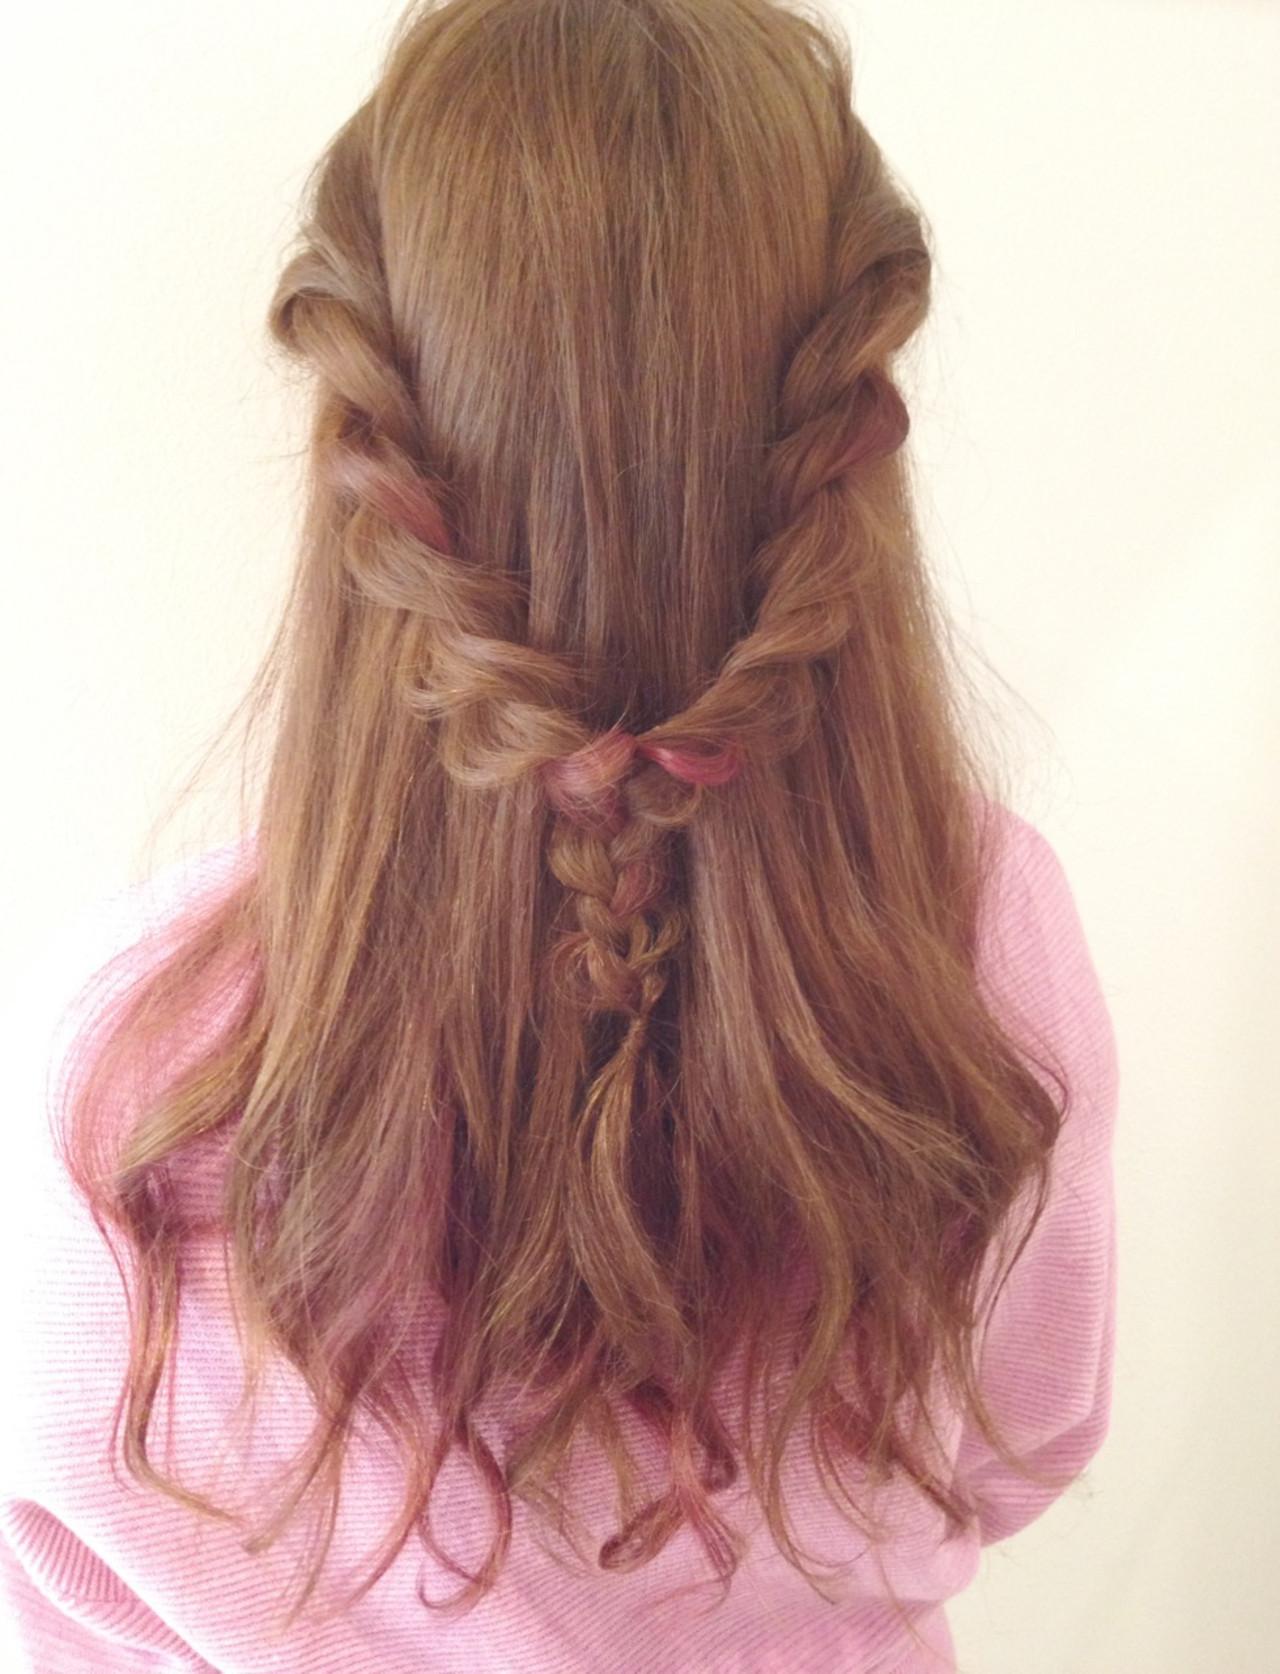 [詳しい方法付き]毎日をオシャレに飾りたい!誰でもできる簡単ヘアアレンジ特集 出典:長岡 可奈子 / Dress hair